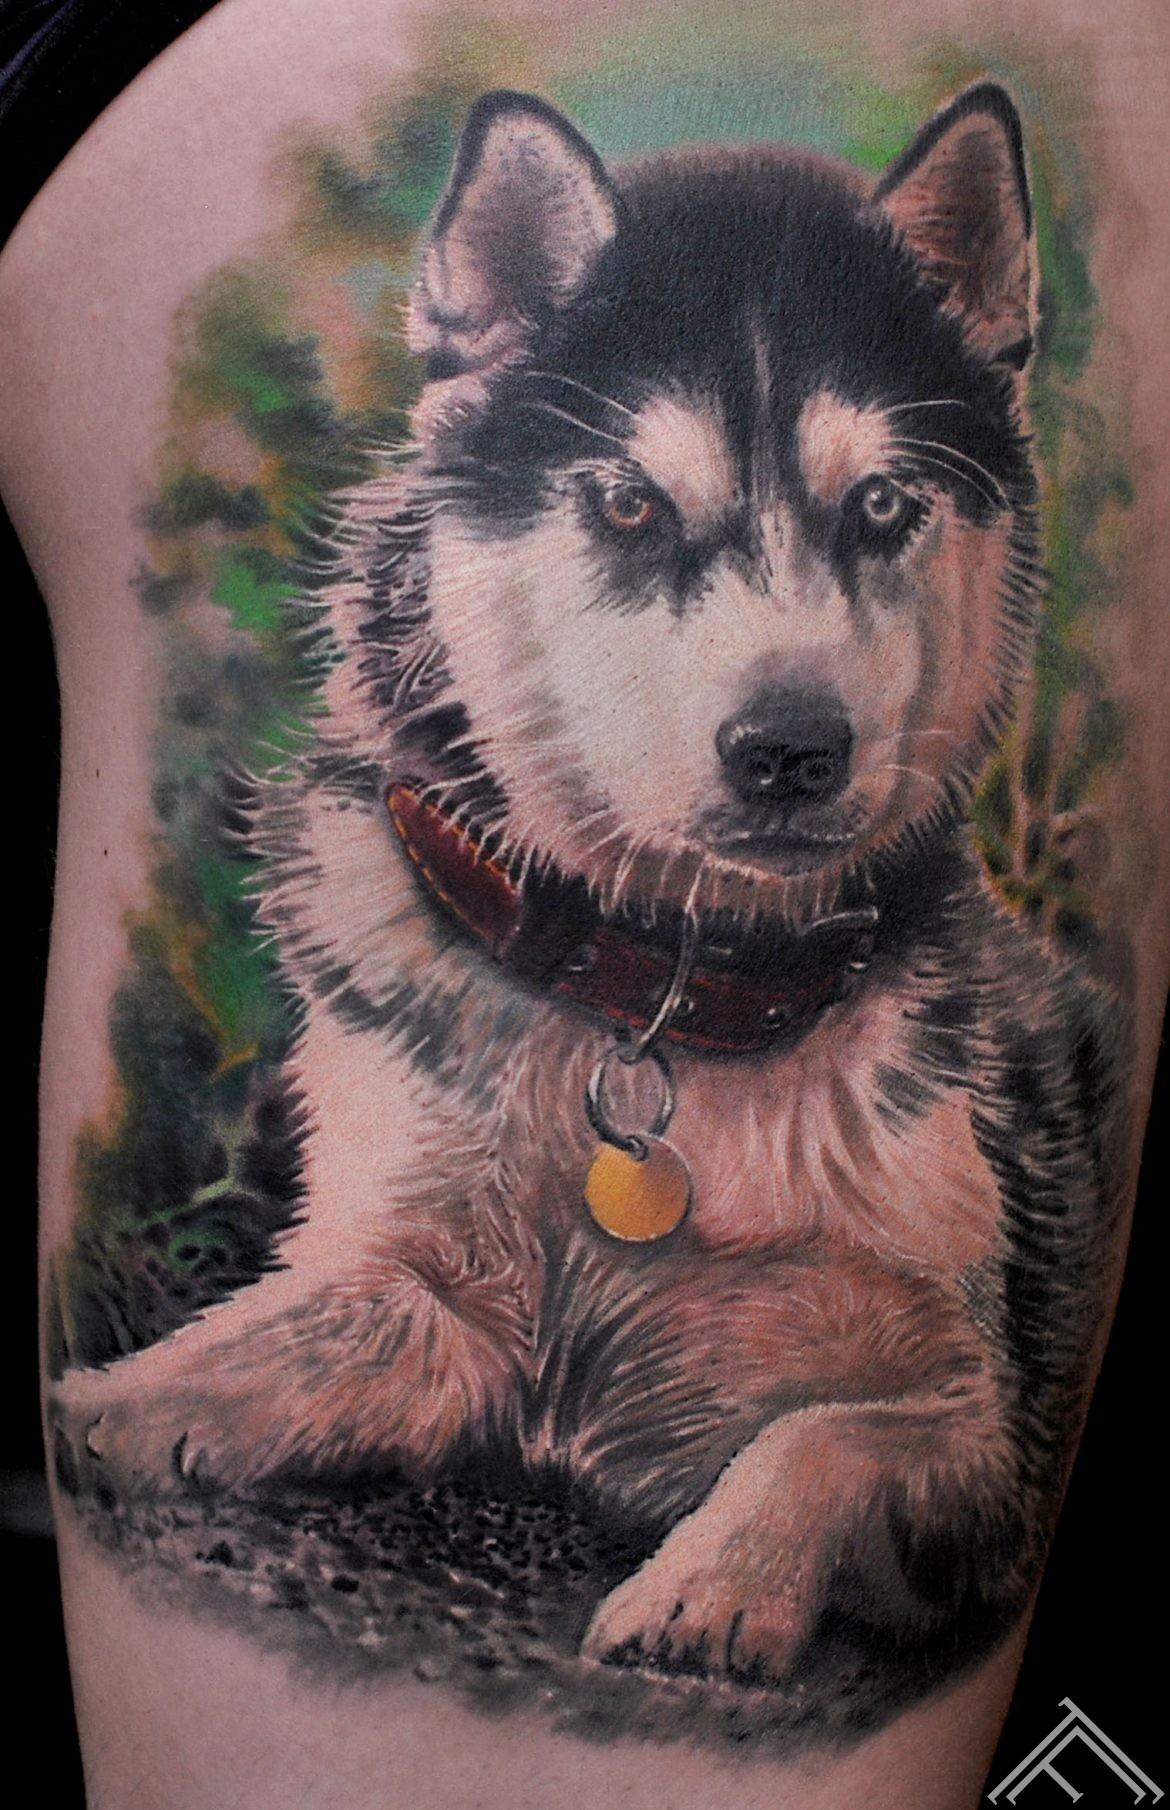 tattoo-marispavlo-tattoofrequency-dog-haskey